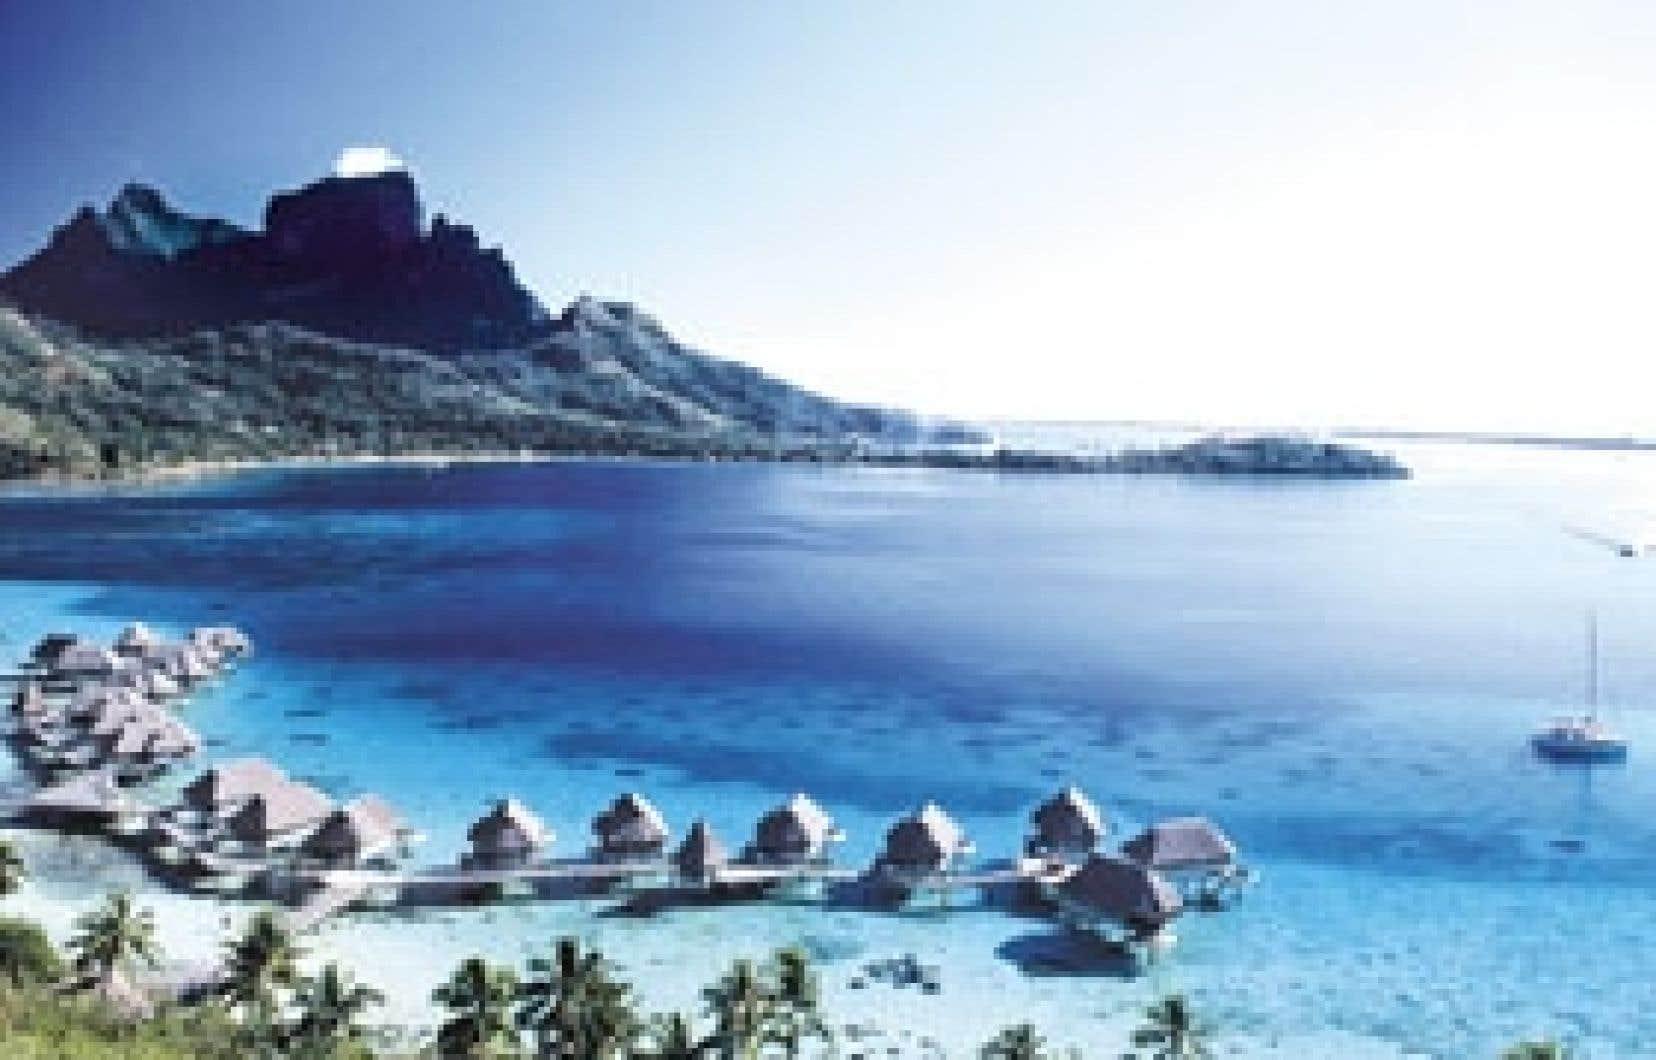 La beauté de Bora Bora, c'est son lagon. Ici, les élégants farés de l'hôtel Sofitel Motu Bora Bora.